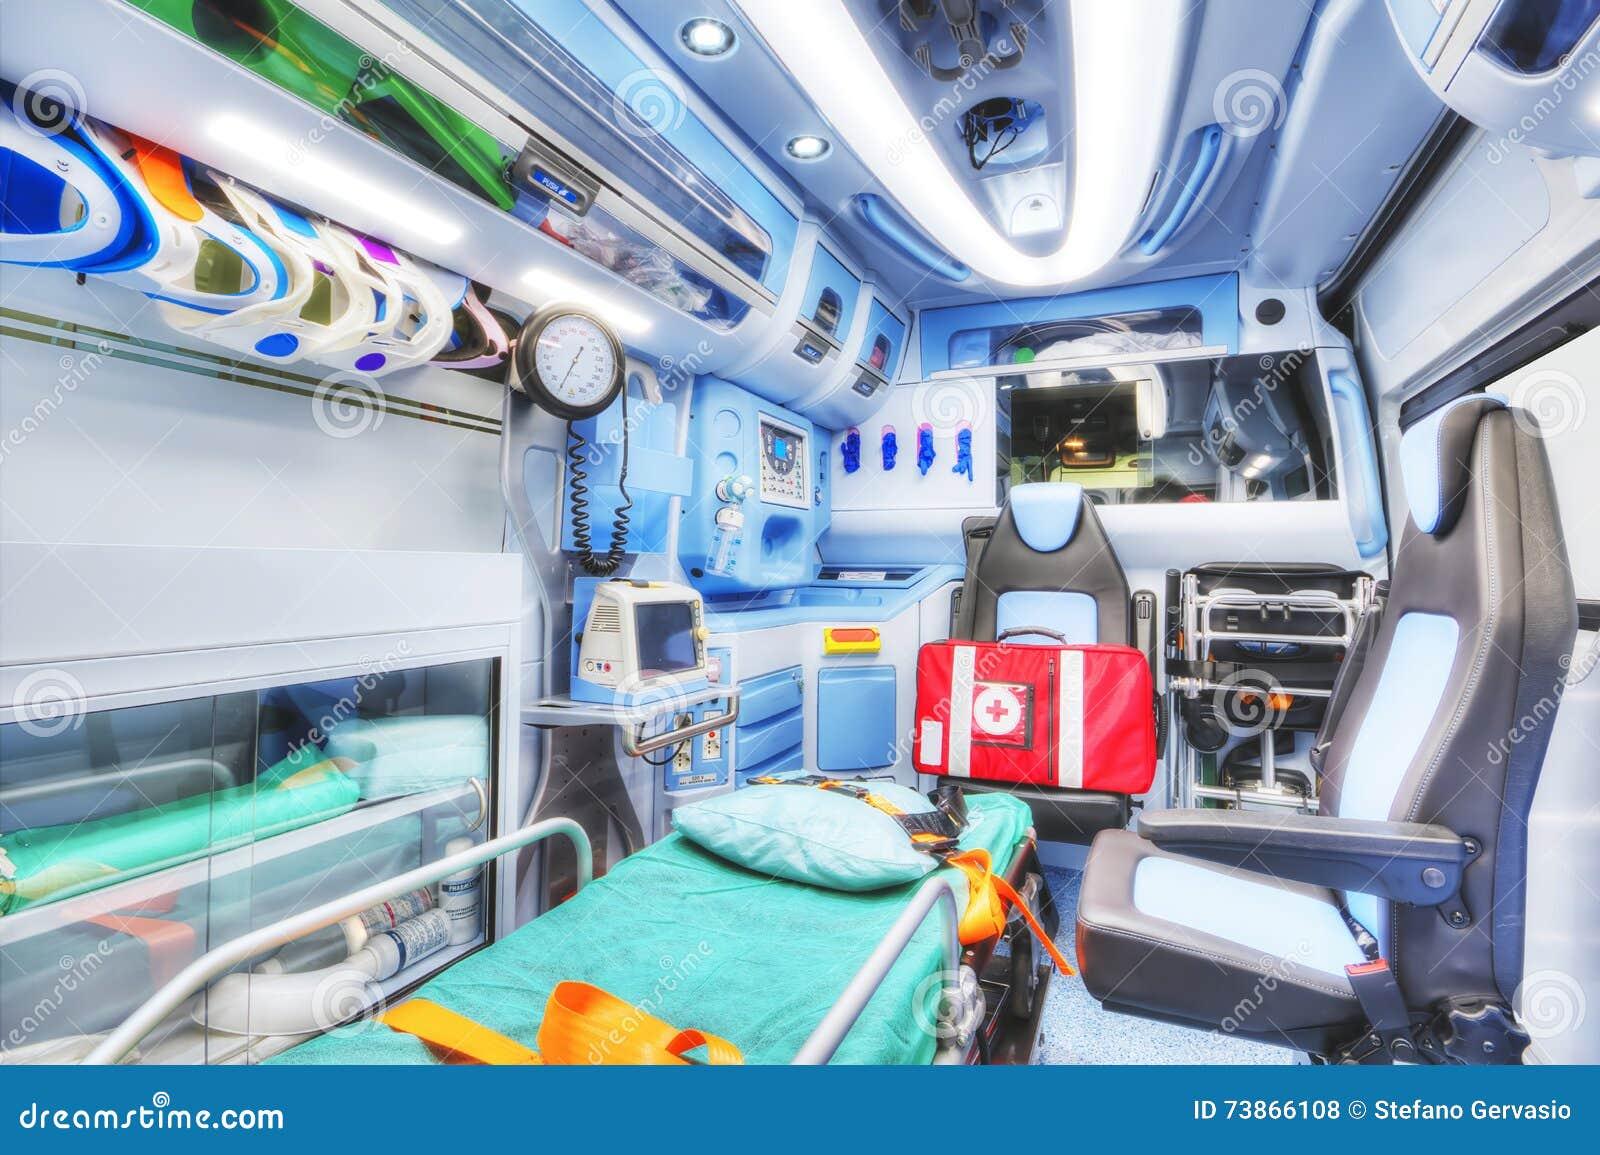 Key ambulance